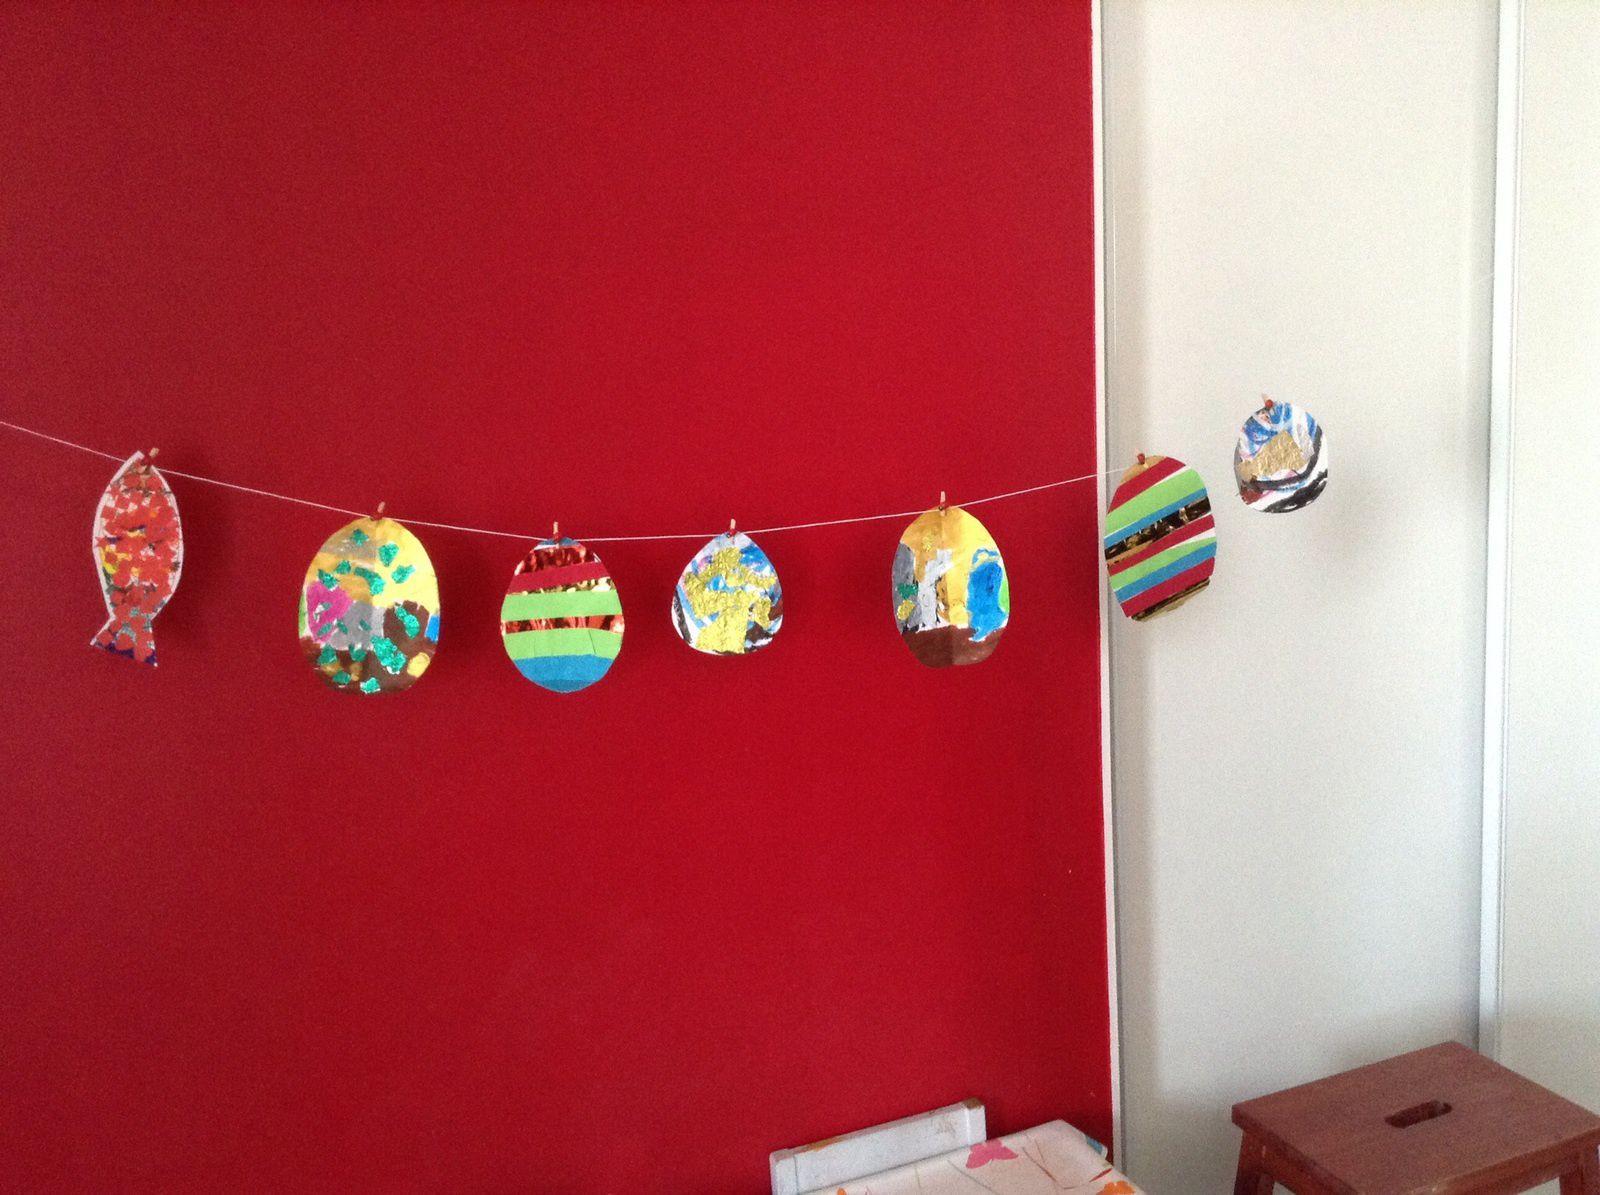 Les œufs de Pâques des enfants de maternelle et d'âge préscolaire